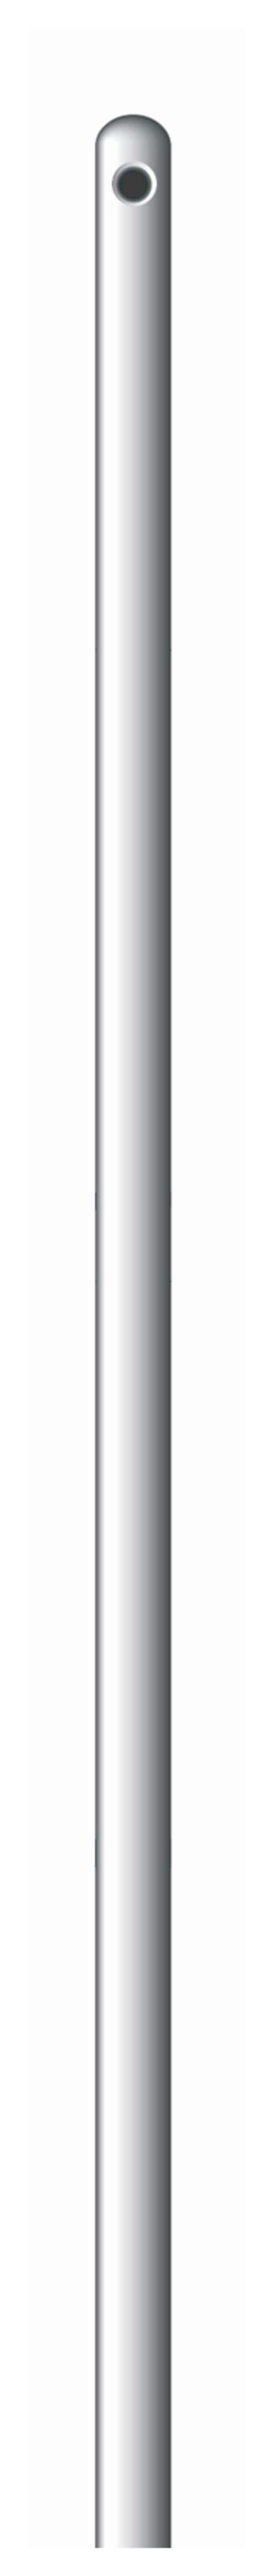 Trajan™Ersatzkolben Kann verwendet werden mit: SG006330: Trajan™Ersatzkolben